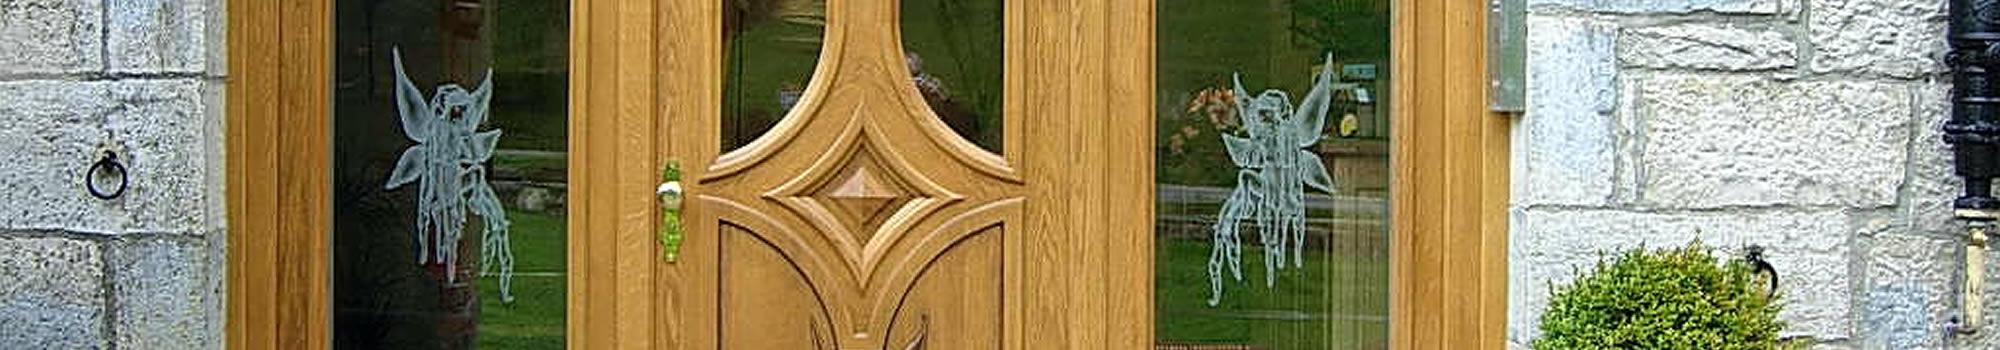 Venet et pose de porte d'entrée en Bois massif